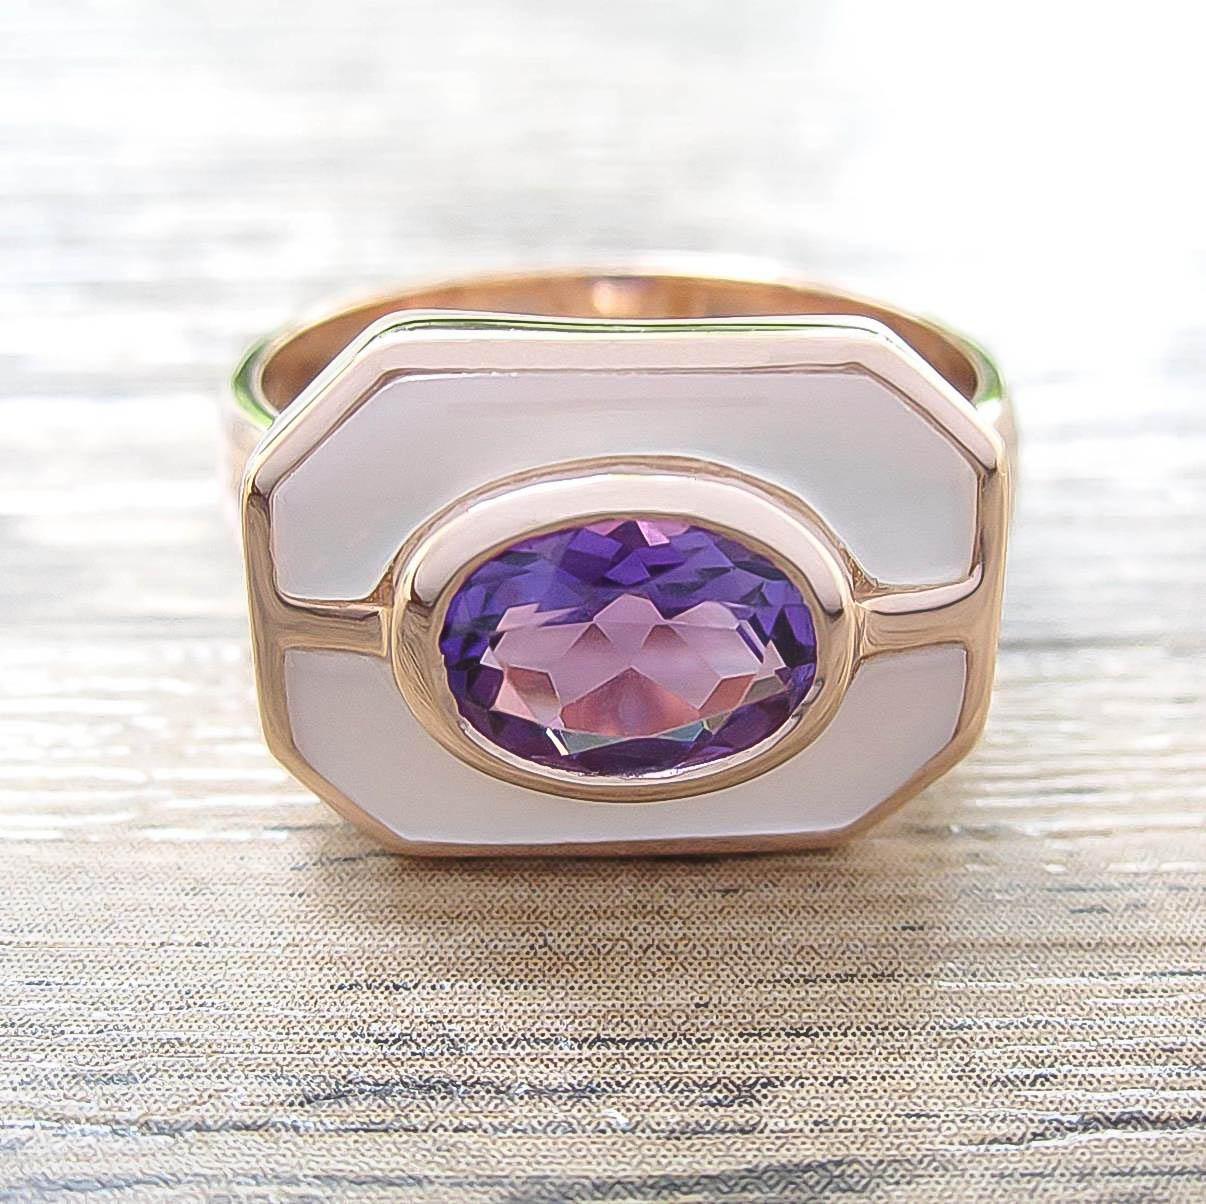 แหวน Amethyst + Mother of Pearl Sterling Silver สี Rose Gold รุ่น Charming